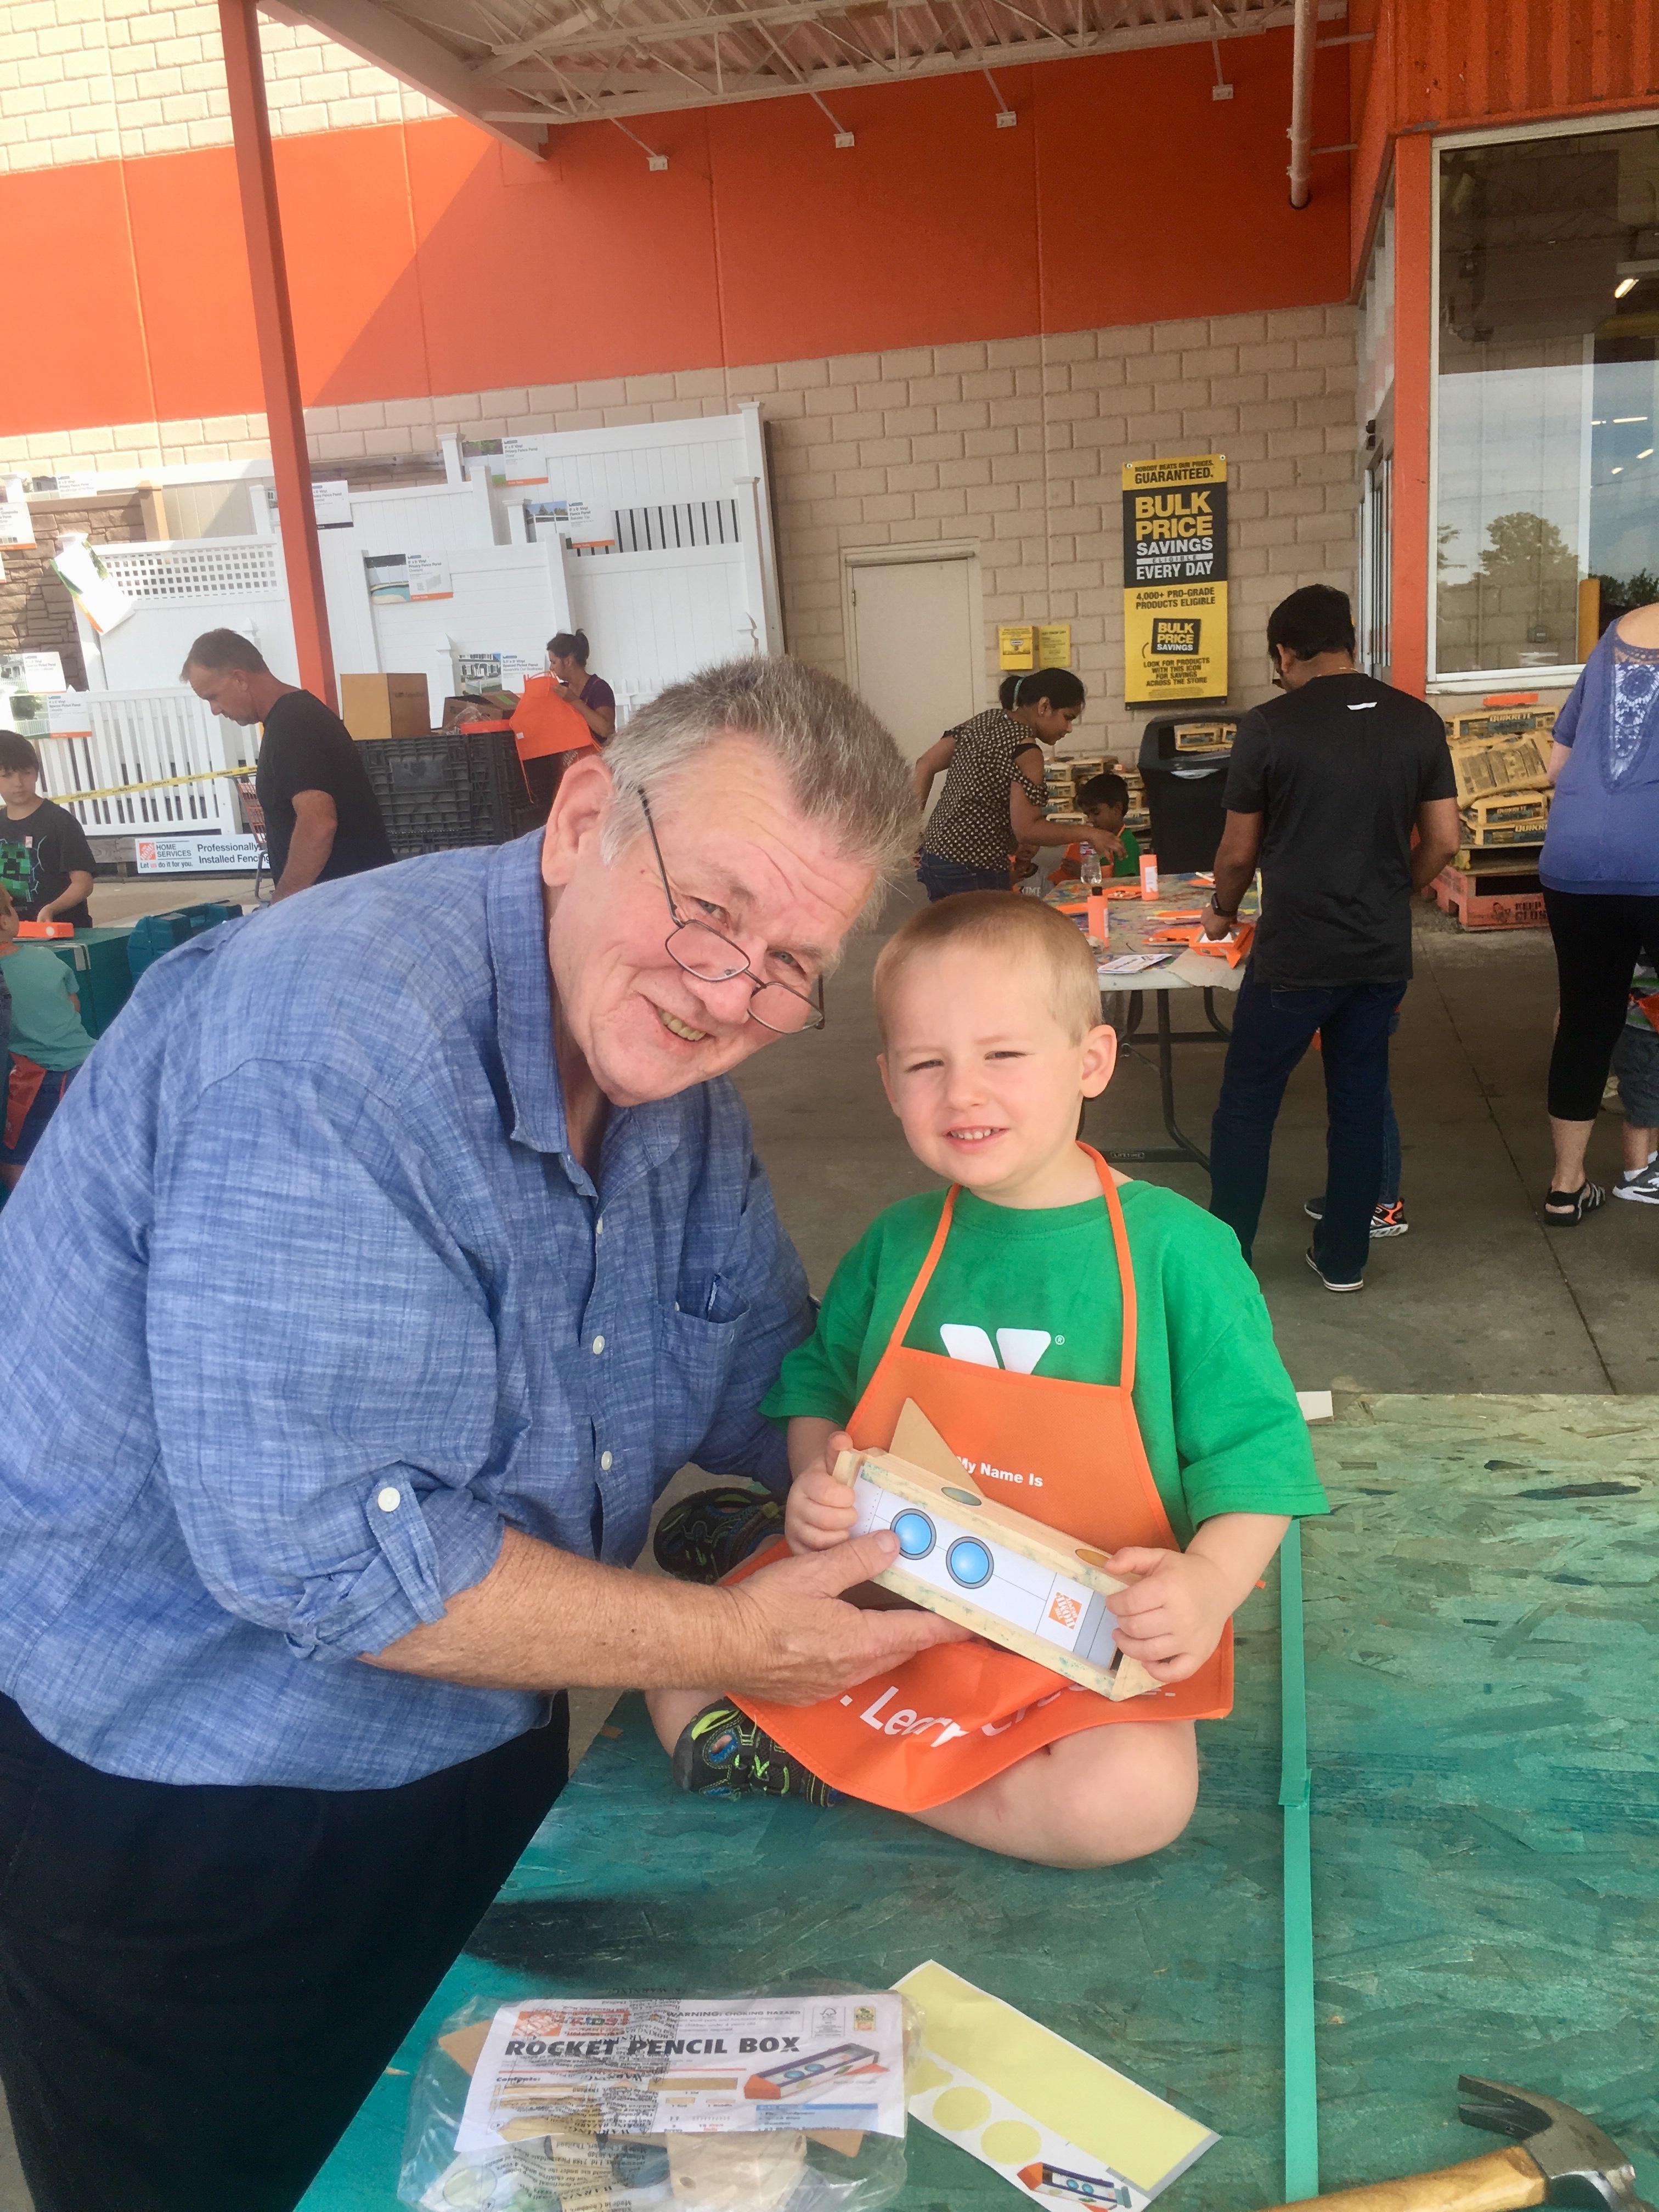 Free Home Depot Workshops for Kids